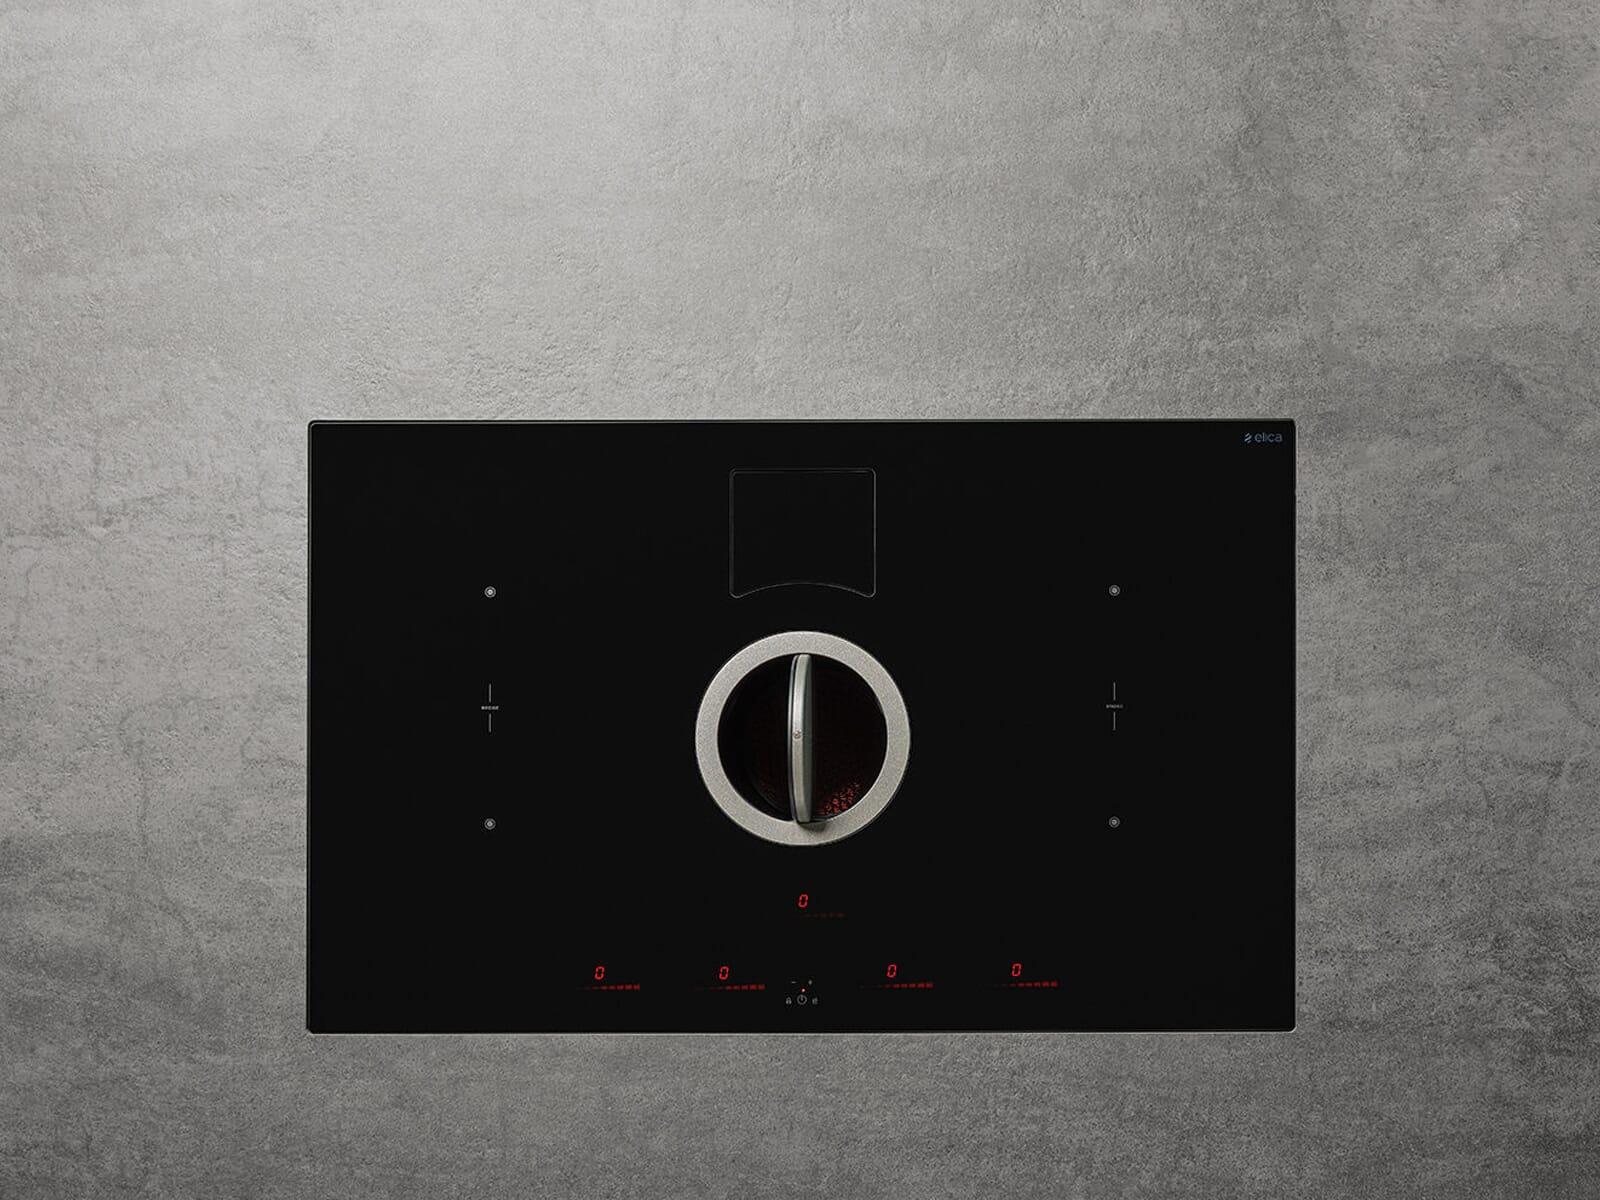 Elica NikolaTesla Switch PRF0146210A Induktionskochfeld-Dunstabzug-Kombination Schwarz